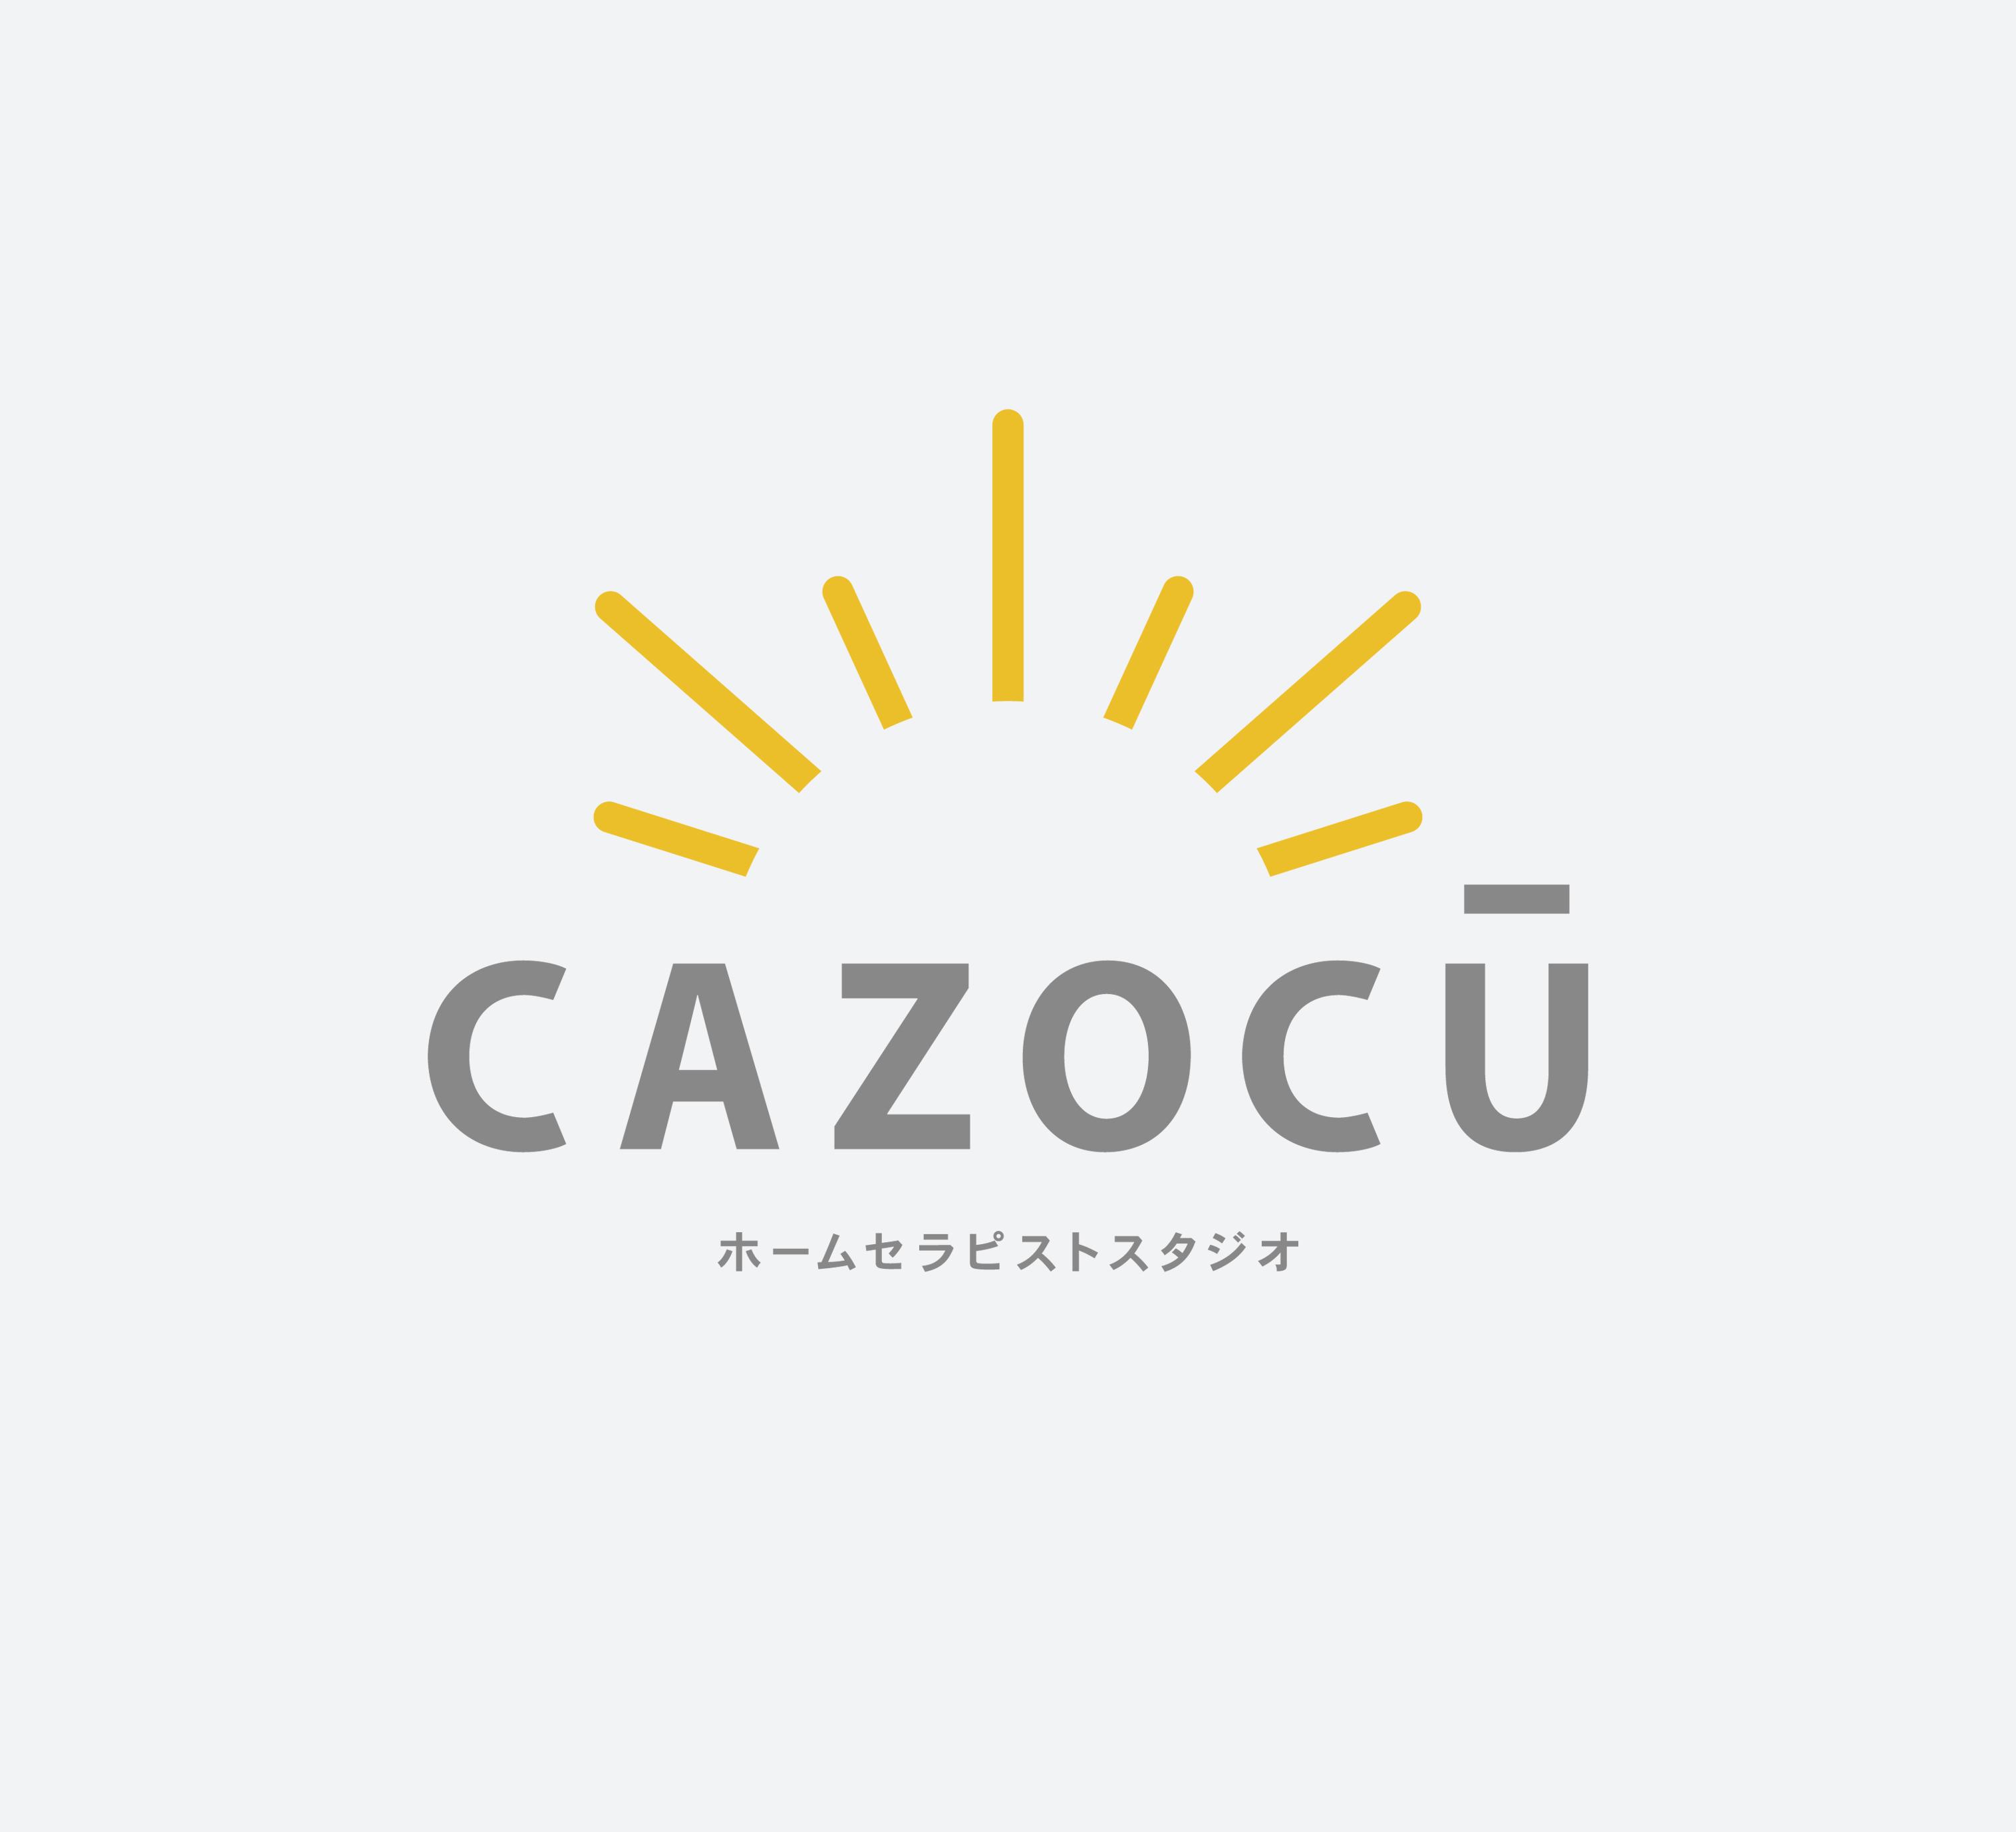 CAZOCU